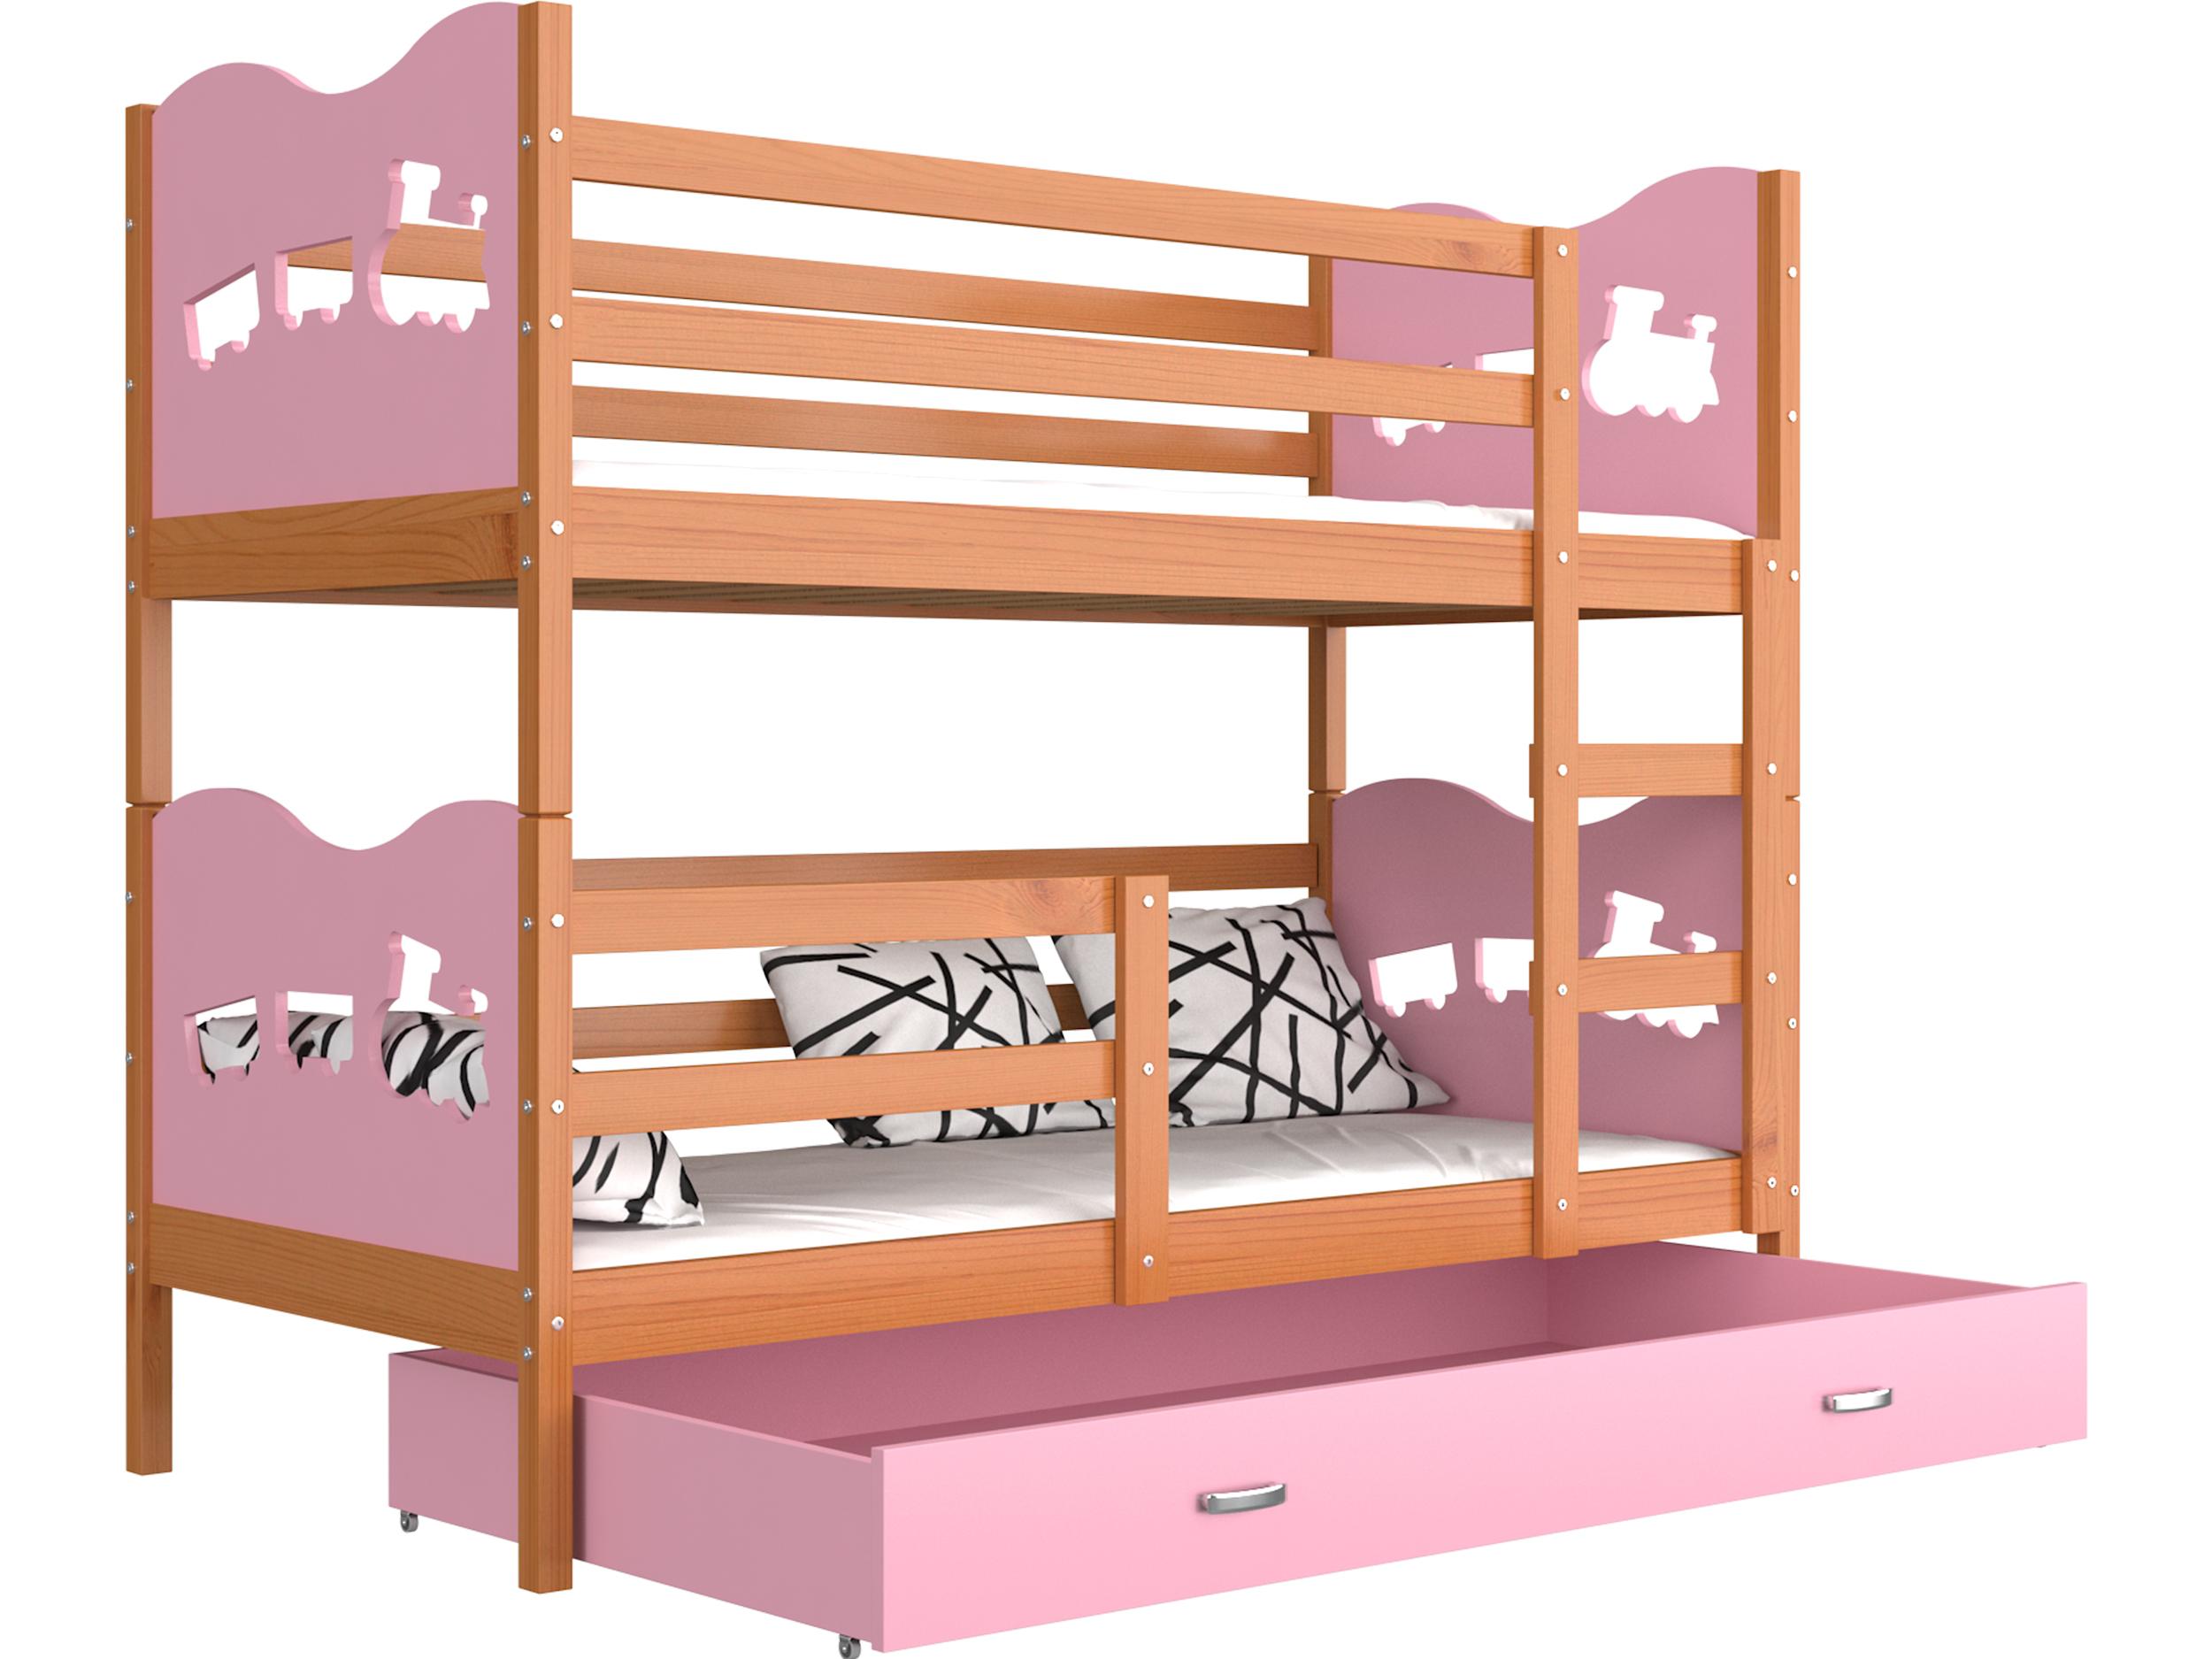 ArtAJ Detská poschodová posteľ MAX drevo / MDF 190 x 80 cm Farba: jelša / ružová 190 x 80 cm, s matracom